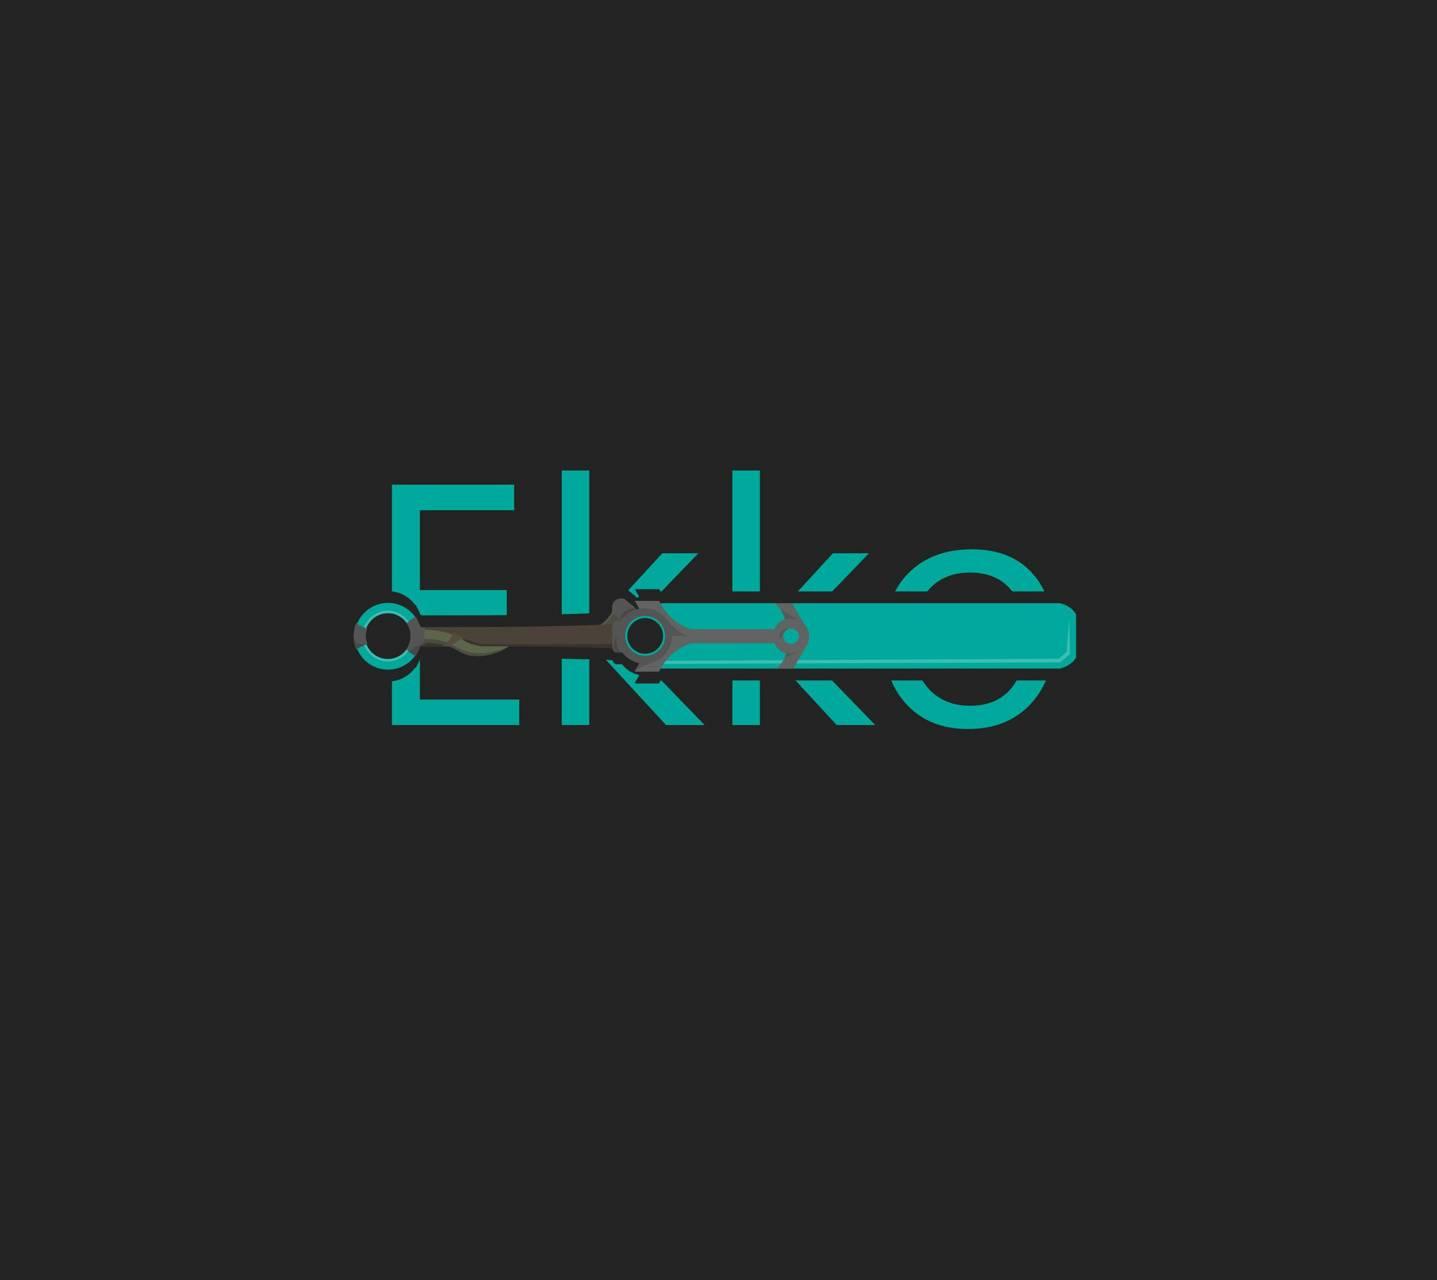 Ekko2